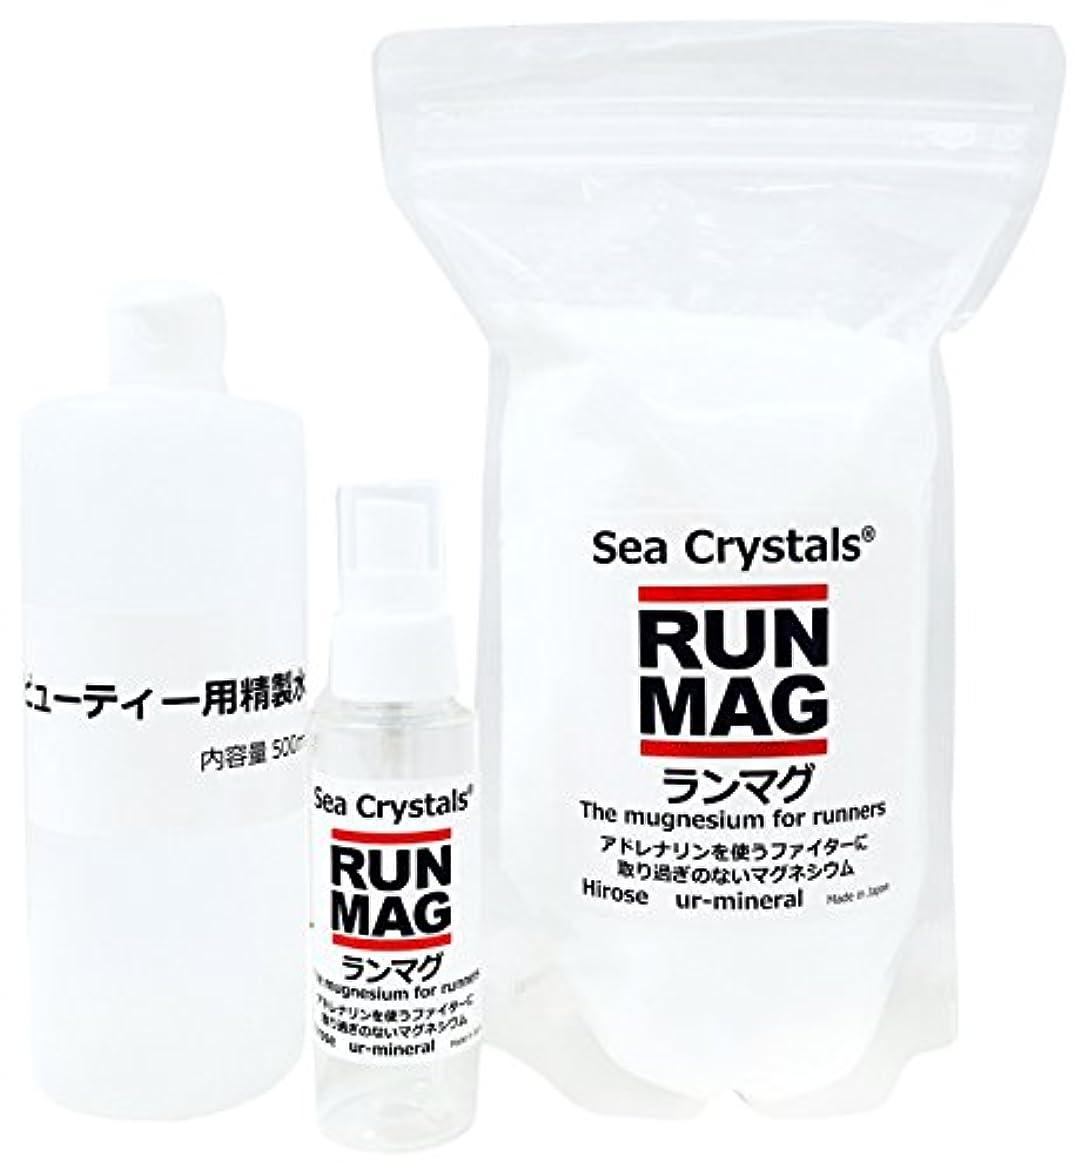 面白いパステル叱るランマグ?マグネシウムオイル 500g 化粧品登録 日本製 1日マグネシウム360mg使用  精製水付き